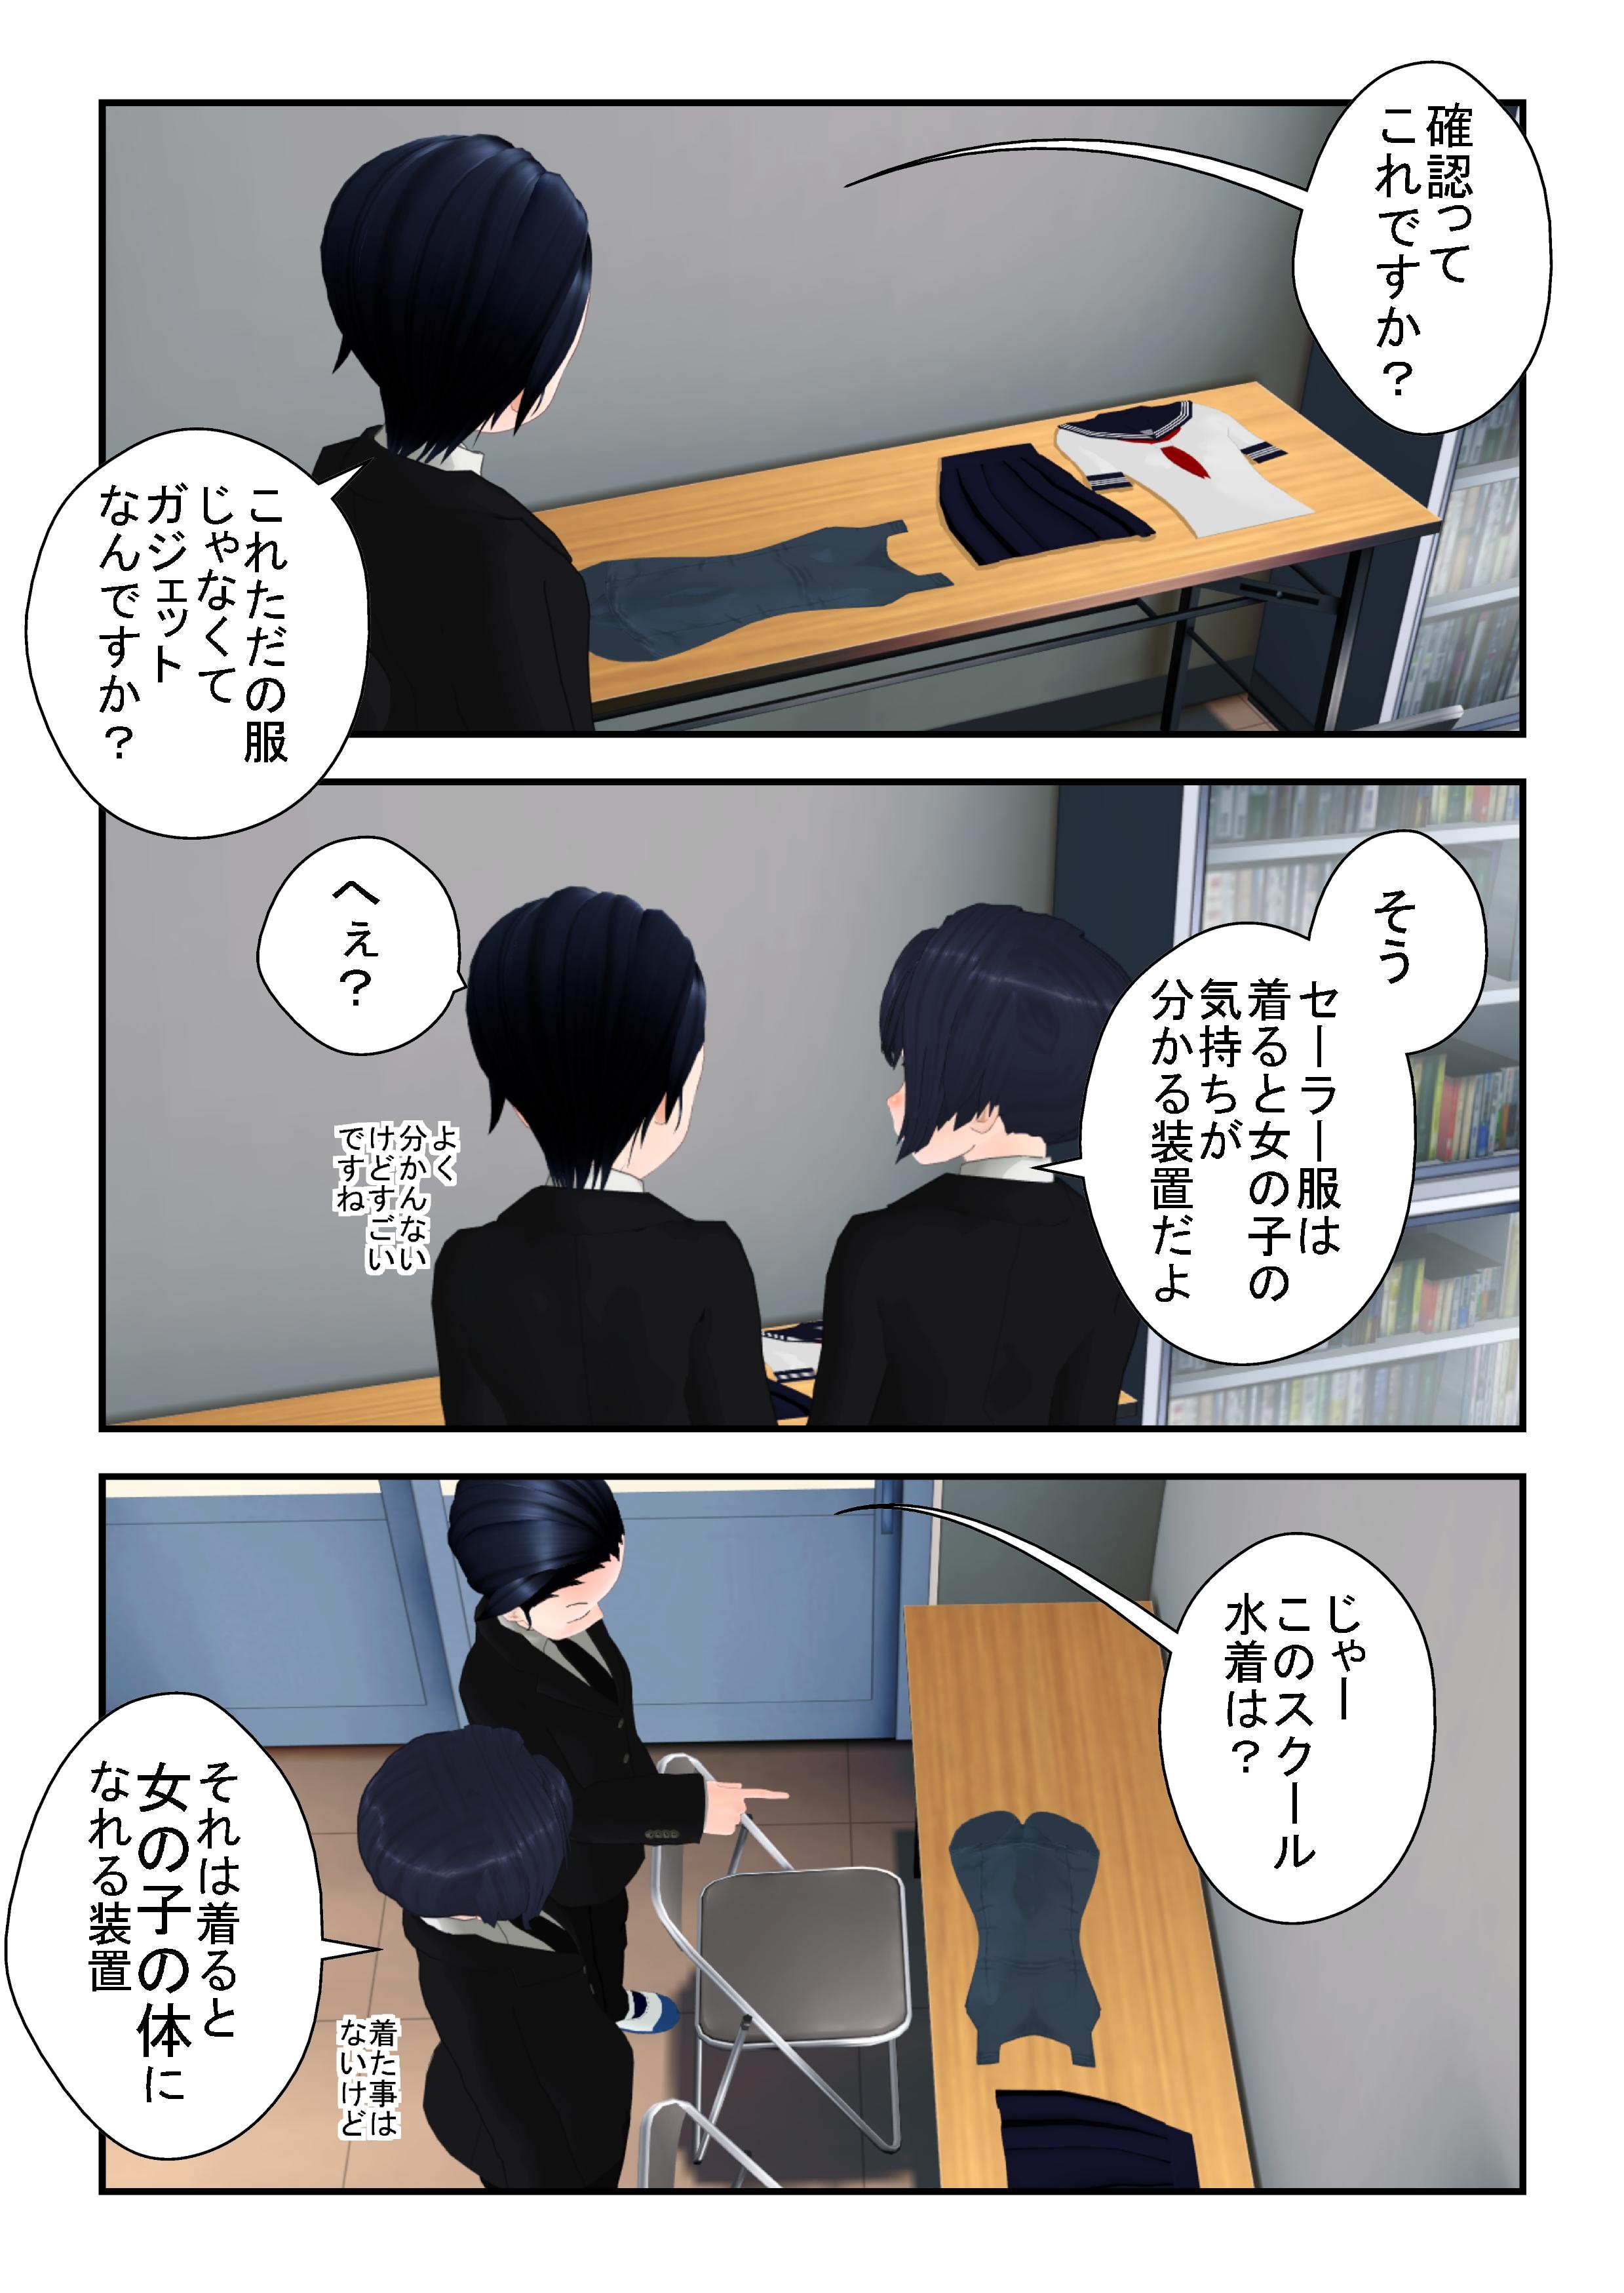 kimochi_0012.jpg